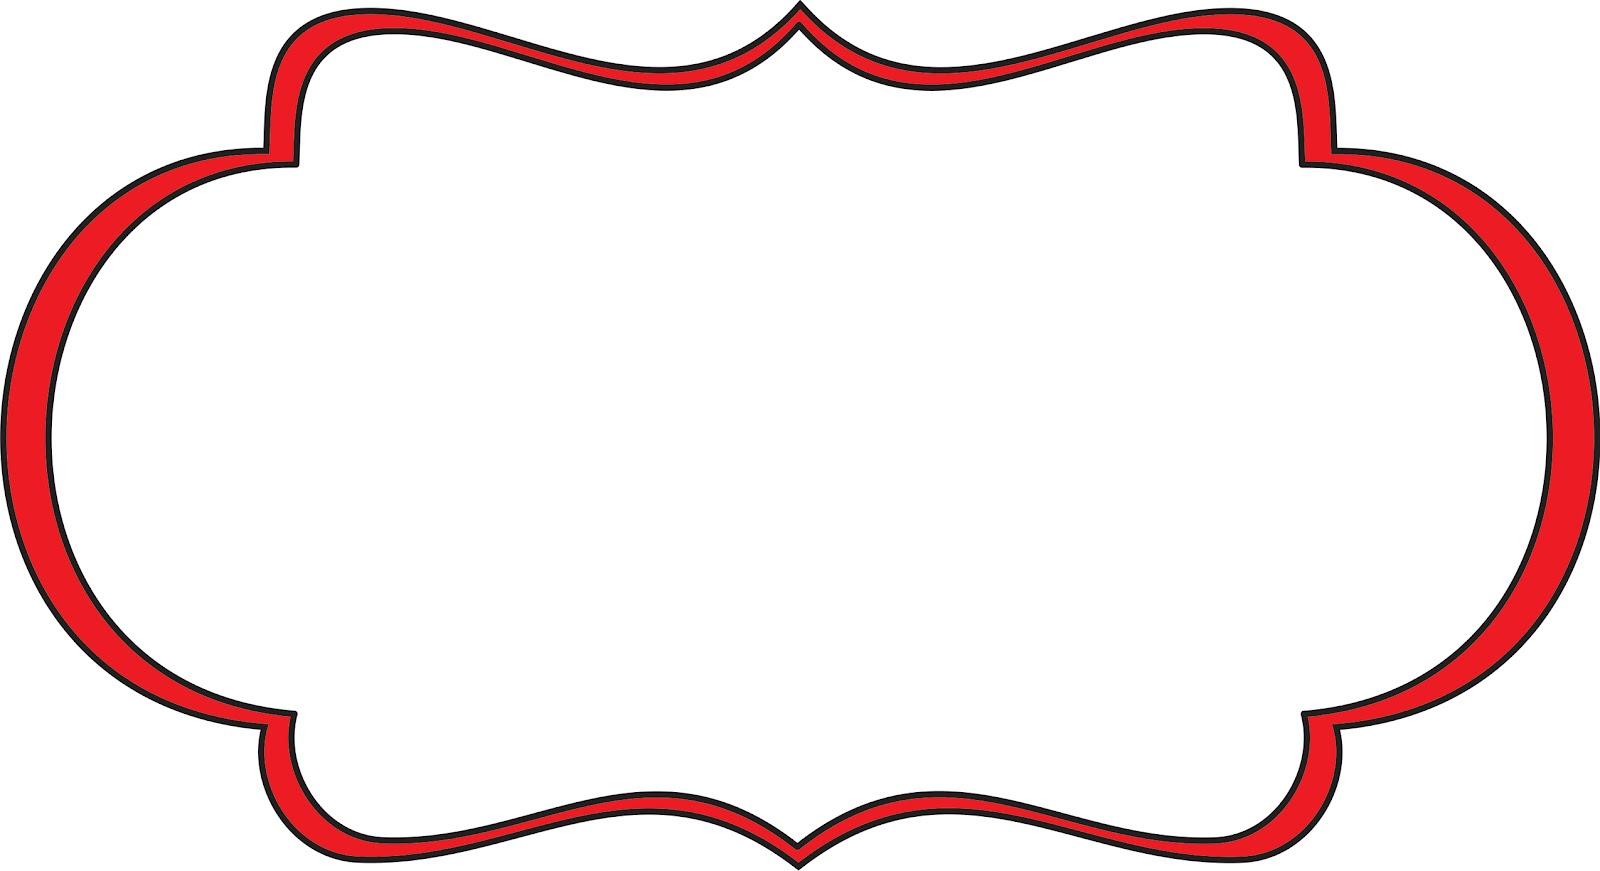 1600x871 Free Dr Seuss Clip Art Images 2 Image 8 2